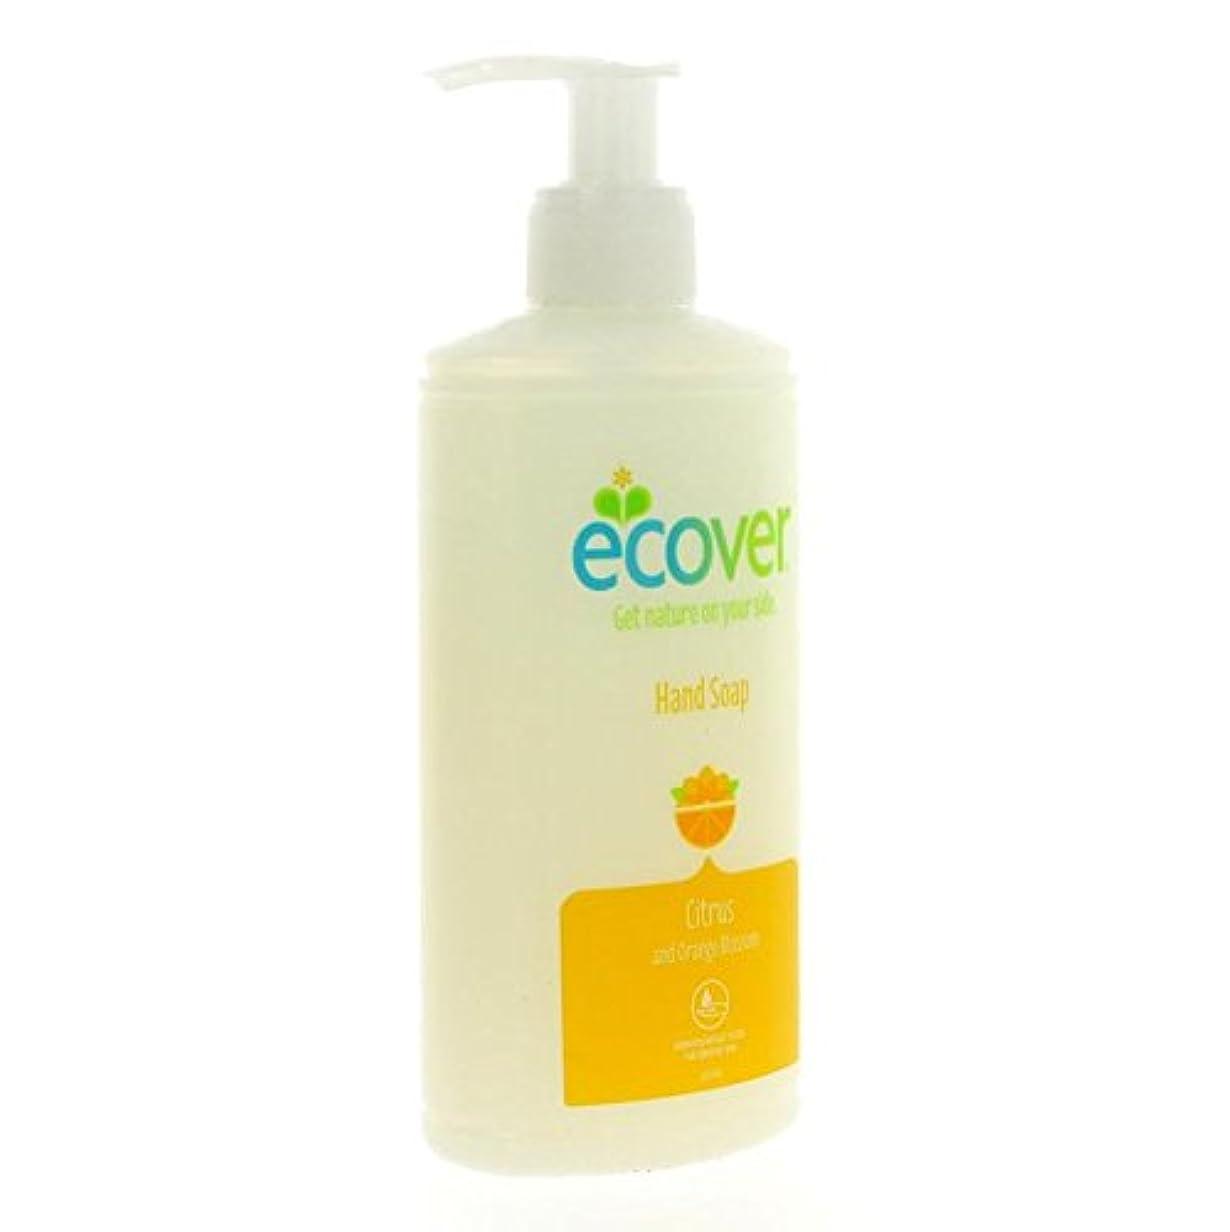 終了する振る数Ecover - Hand Soap - Citrus and Orange Blossom - 250ml (Case of 6)